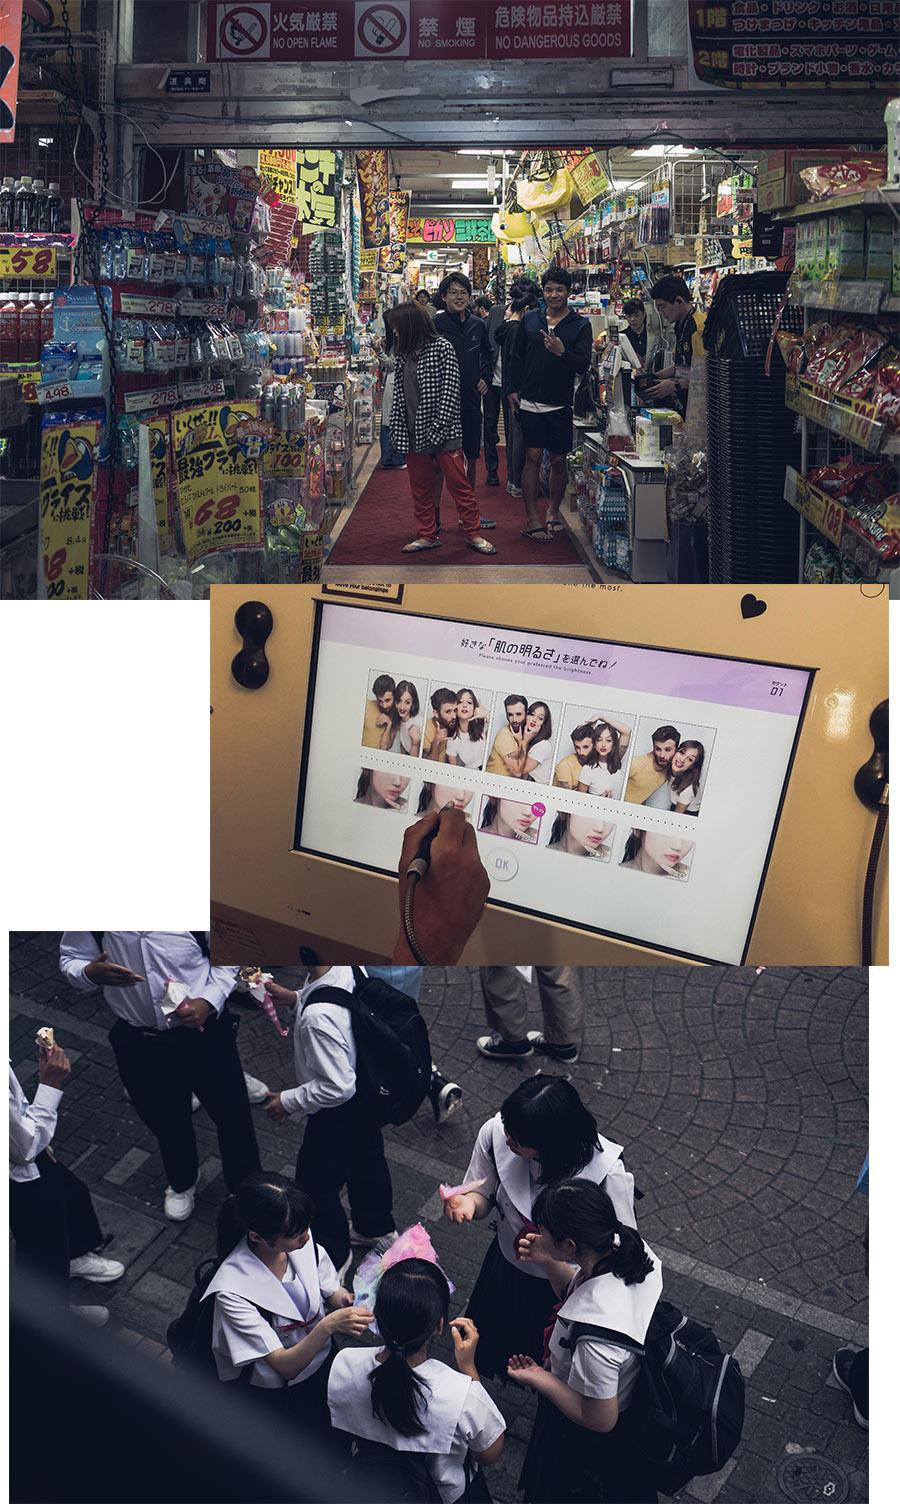 Notre expérience japonaise, par Côté Hublot